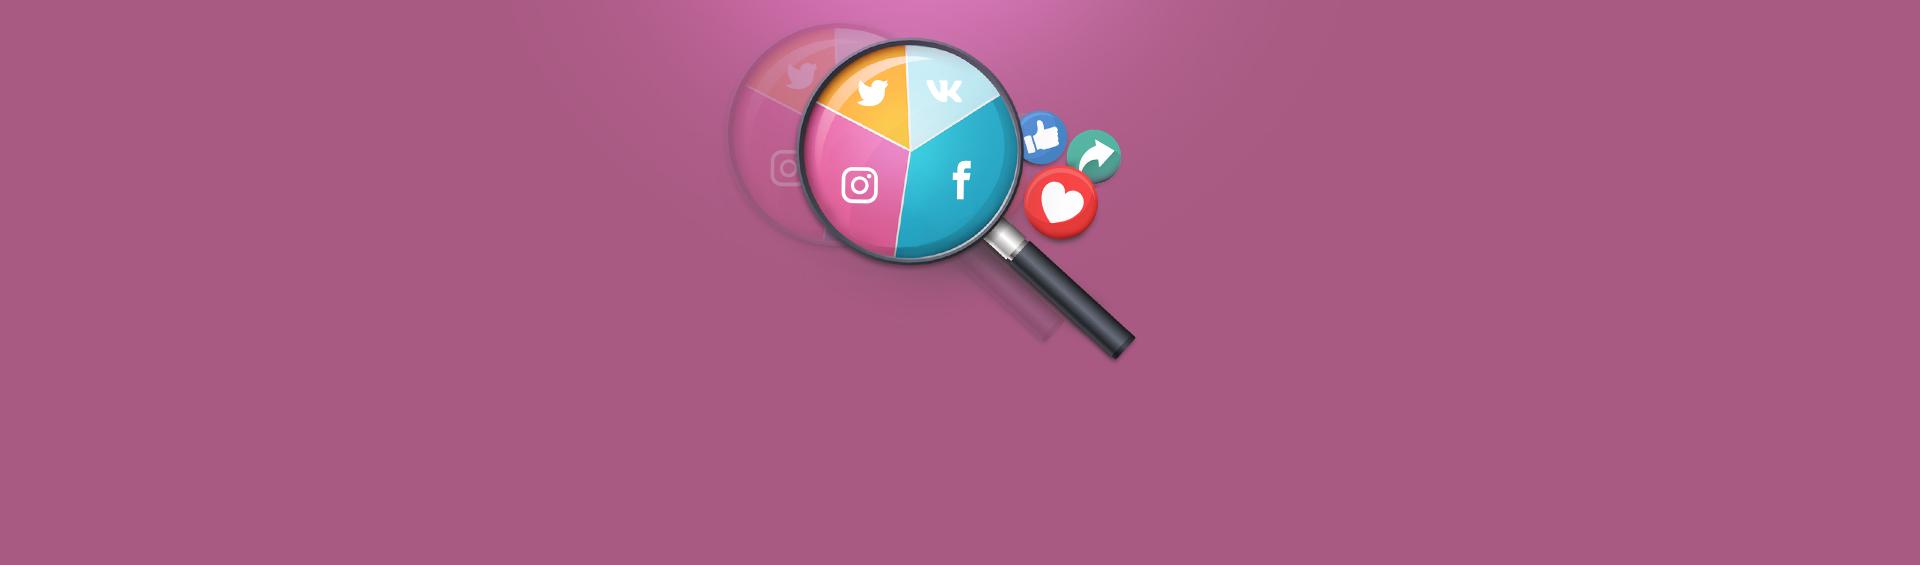 10лучших сервисов длямониторинга социальных сетей